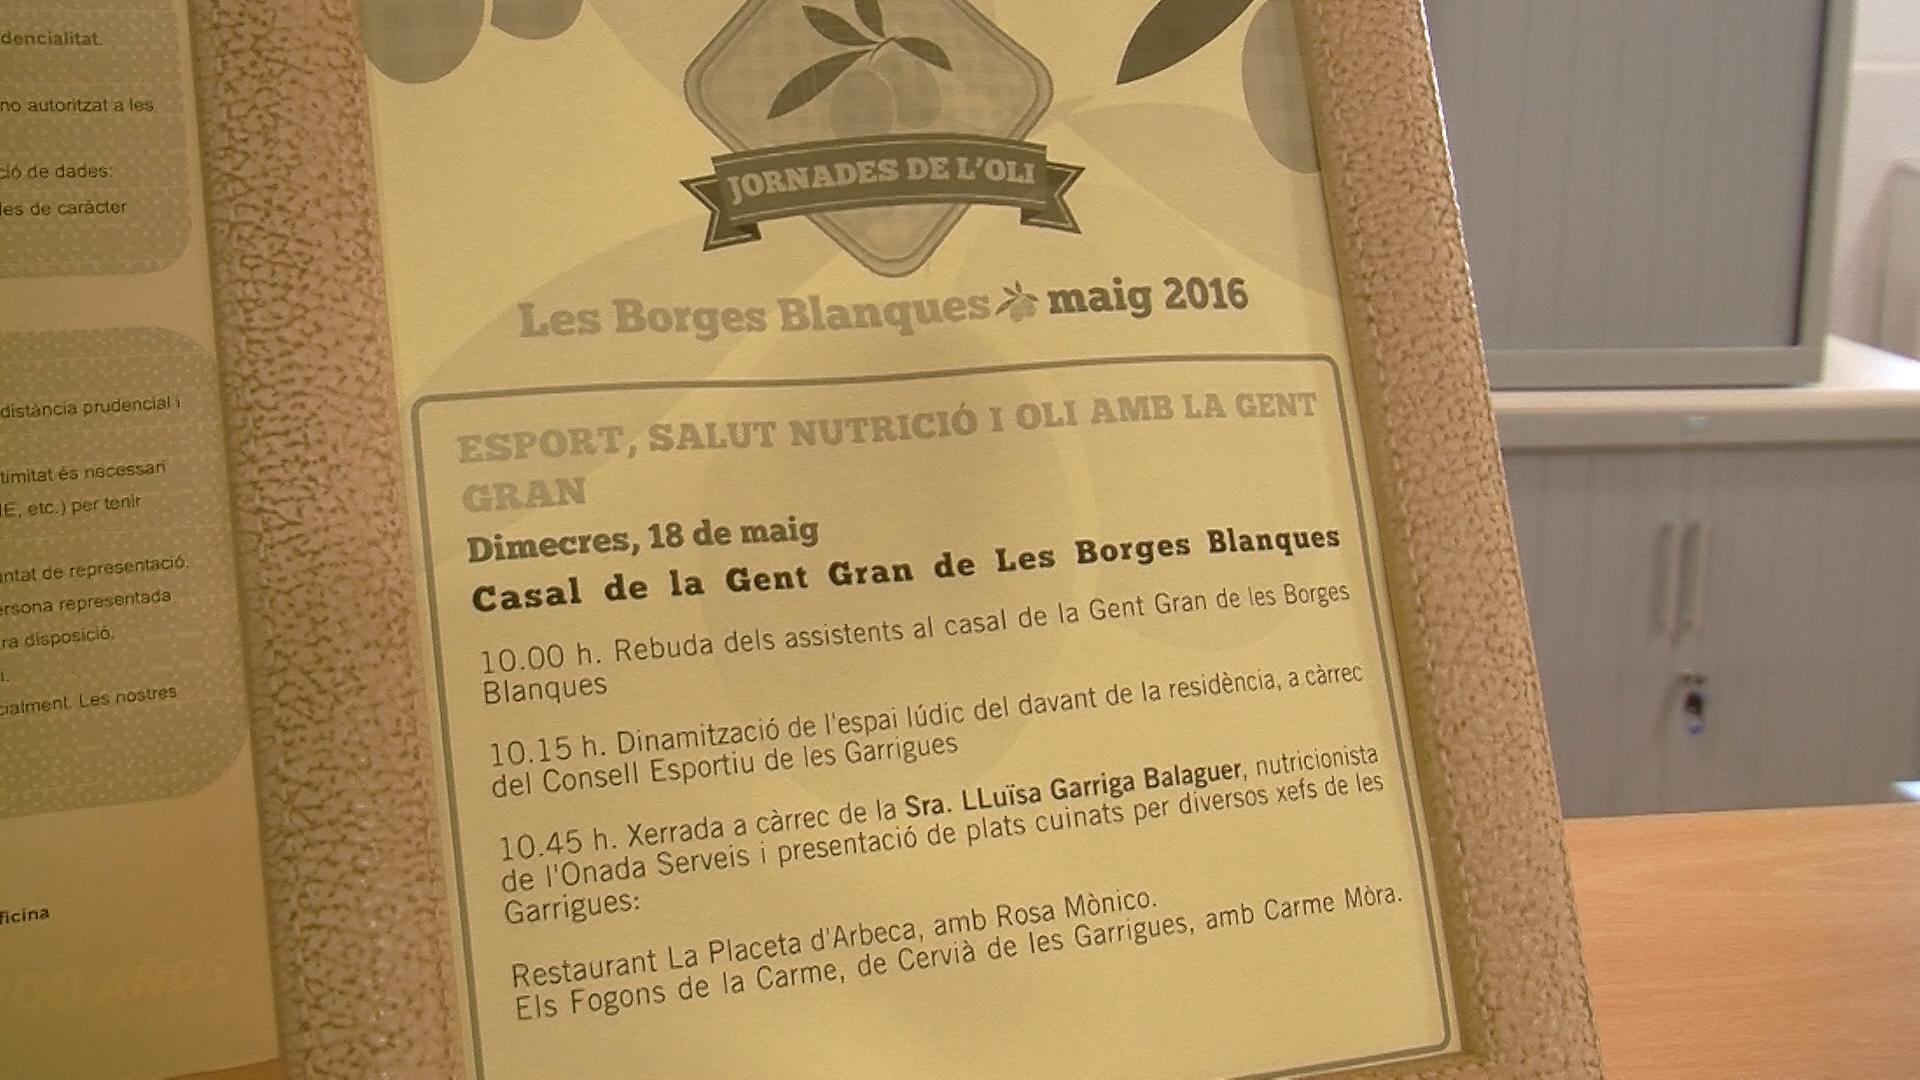 Persones T2 (8): Enric Giné – Mosso d'Esquadra i voluntari d'Alpicat Solidari